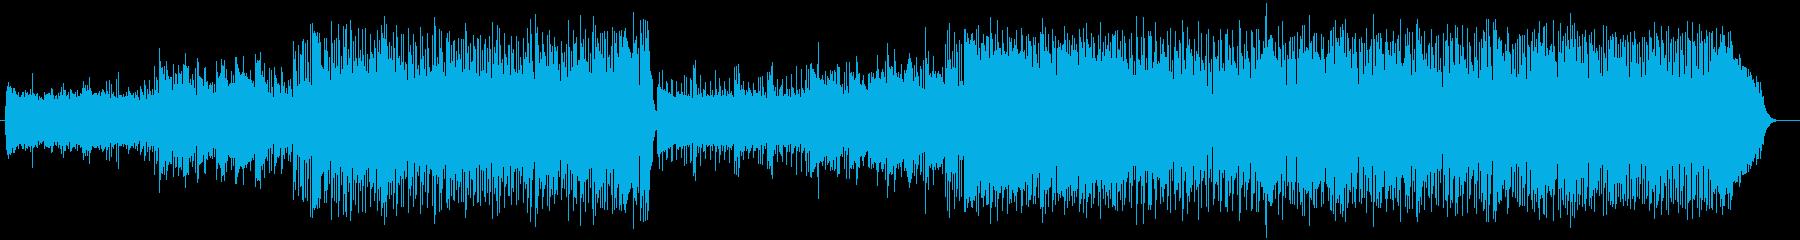 明るくリズムの良いポップの再生済みの波形